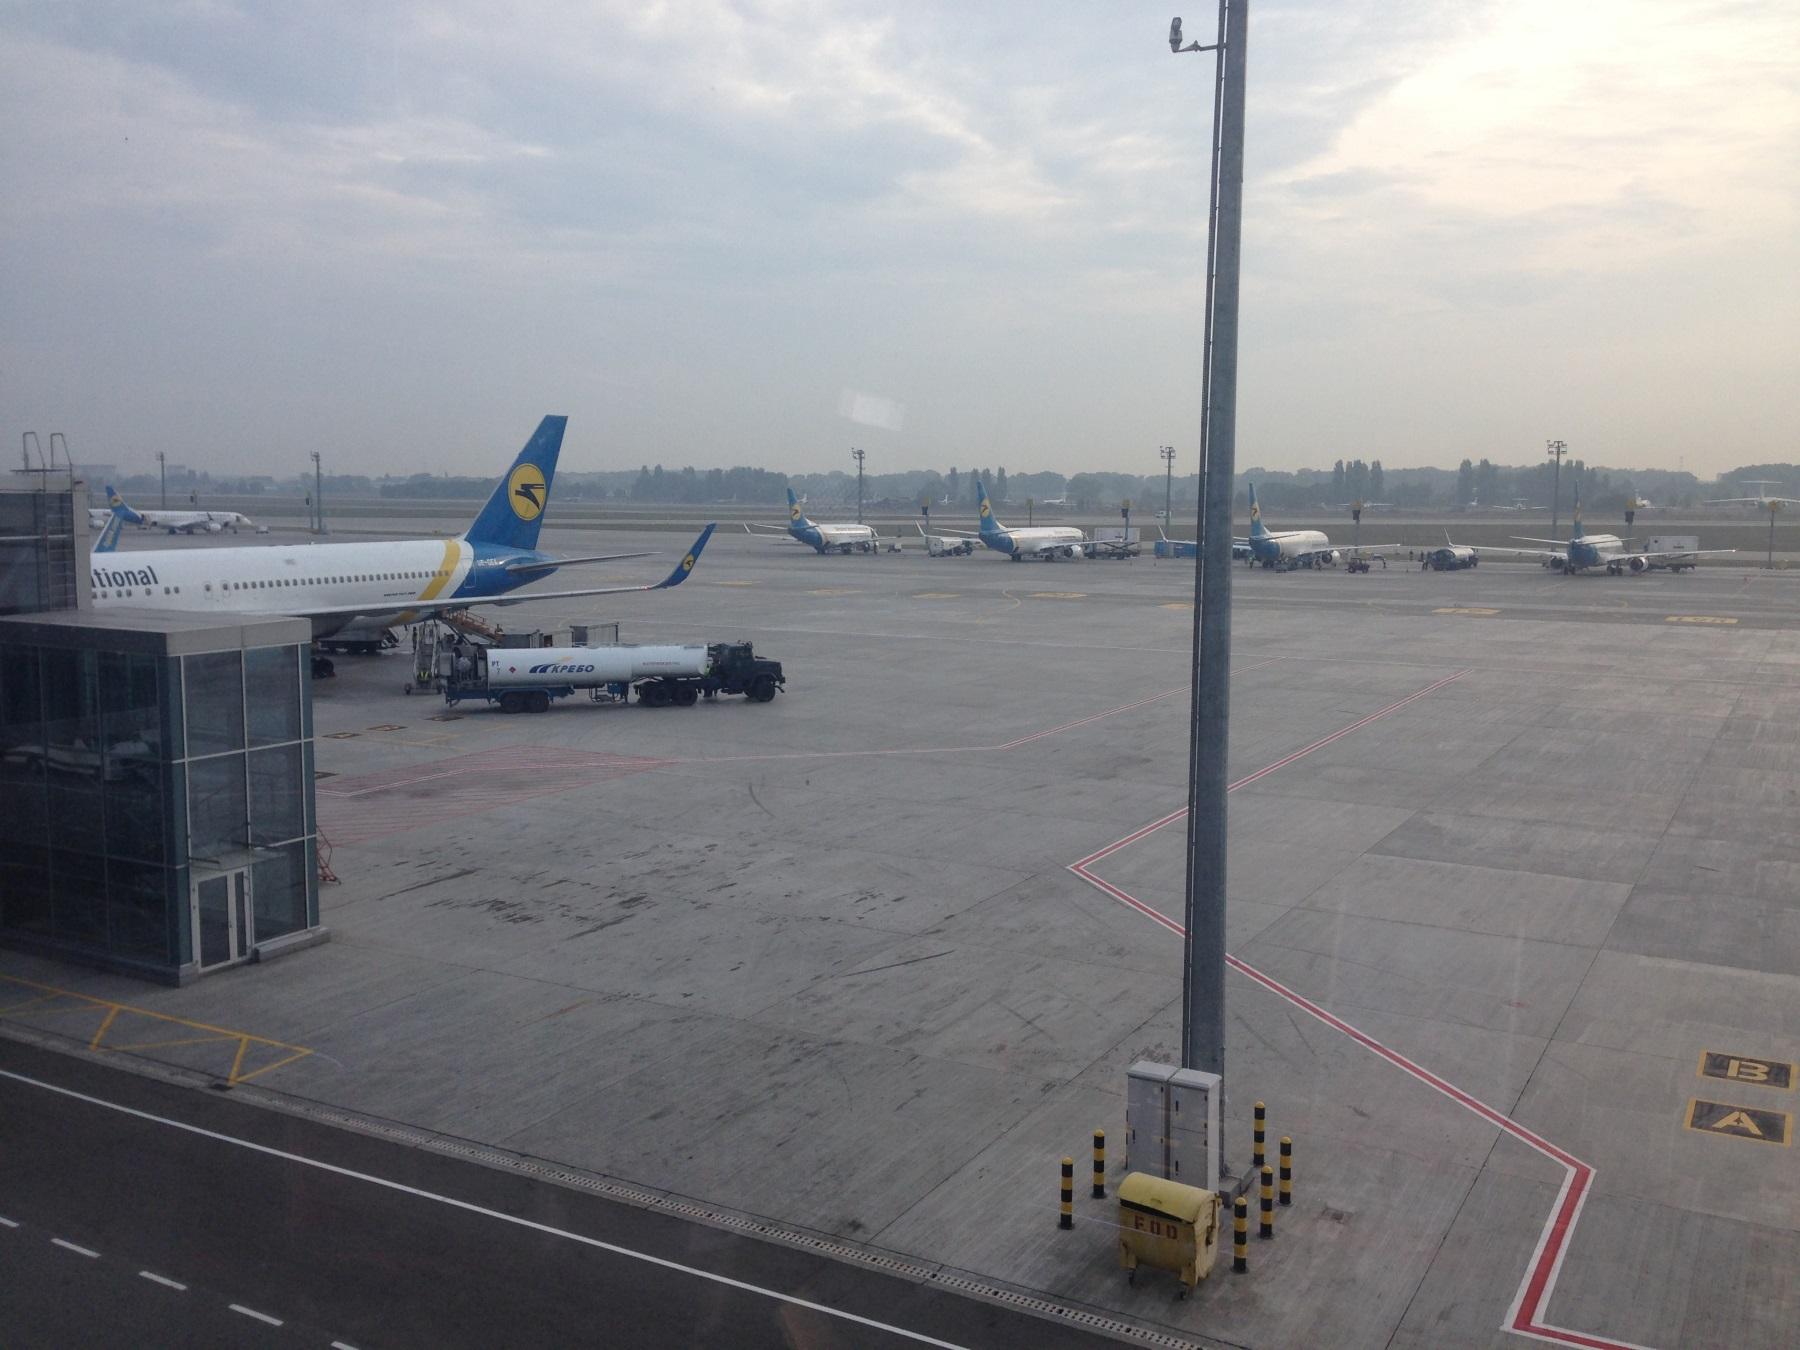 Аэропорт Борисполь за 3 месяца снизил пассажиропоток на 8,2%